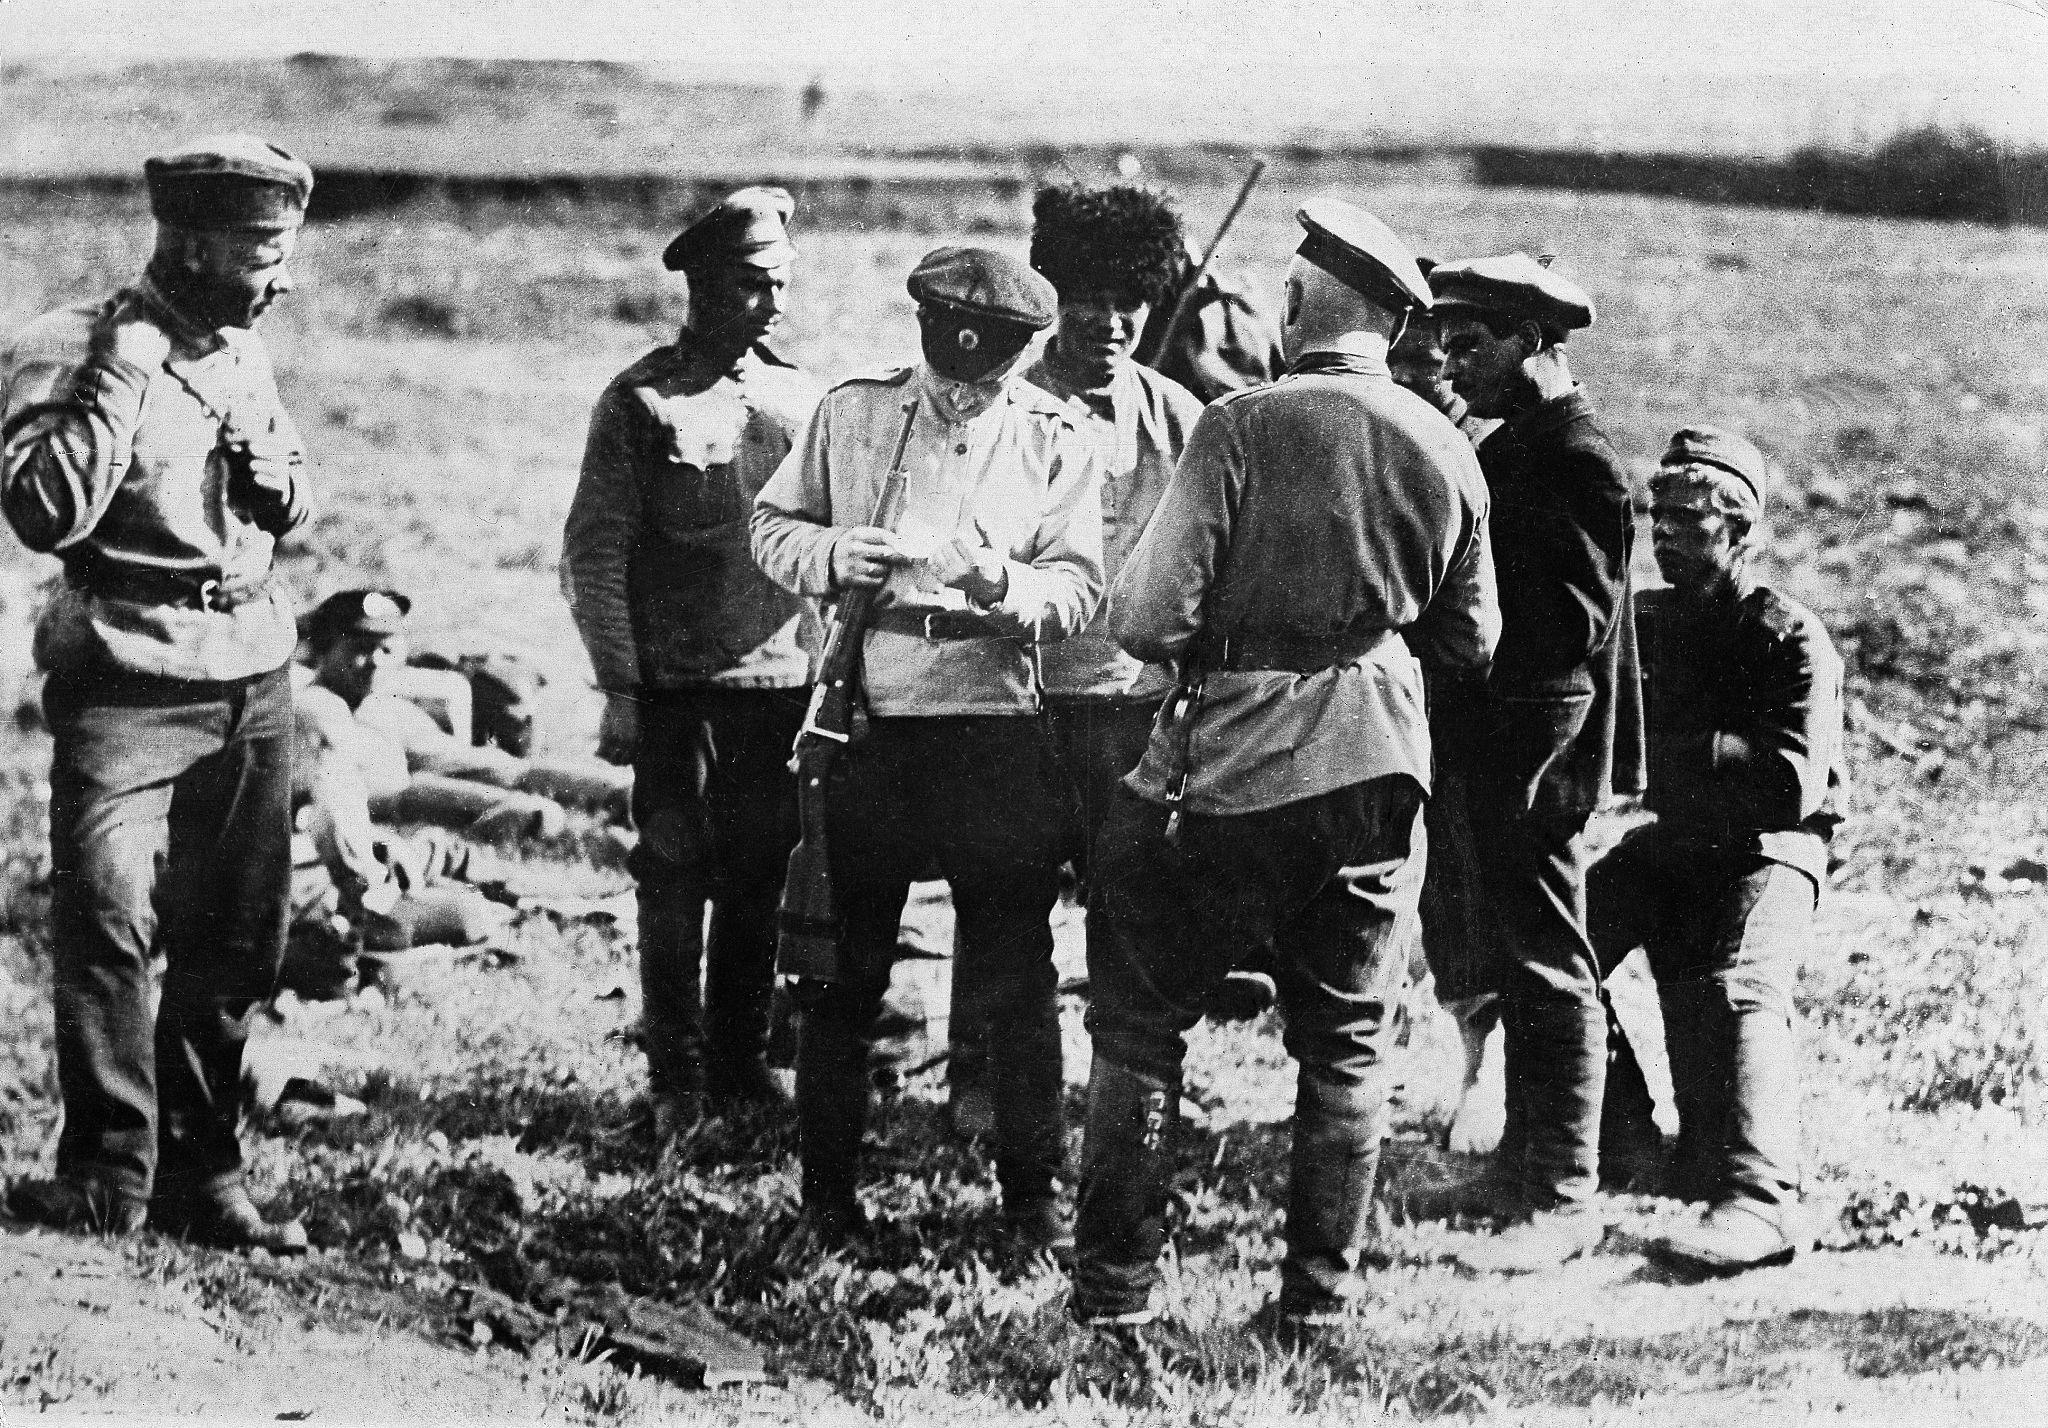 Офицеры армии Колчака допрашивают пленного солдата Красной Армии и проверяют его документы